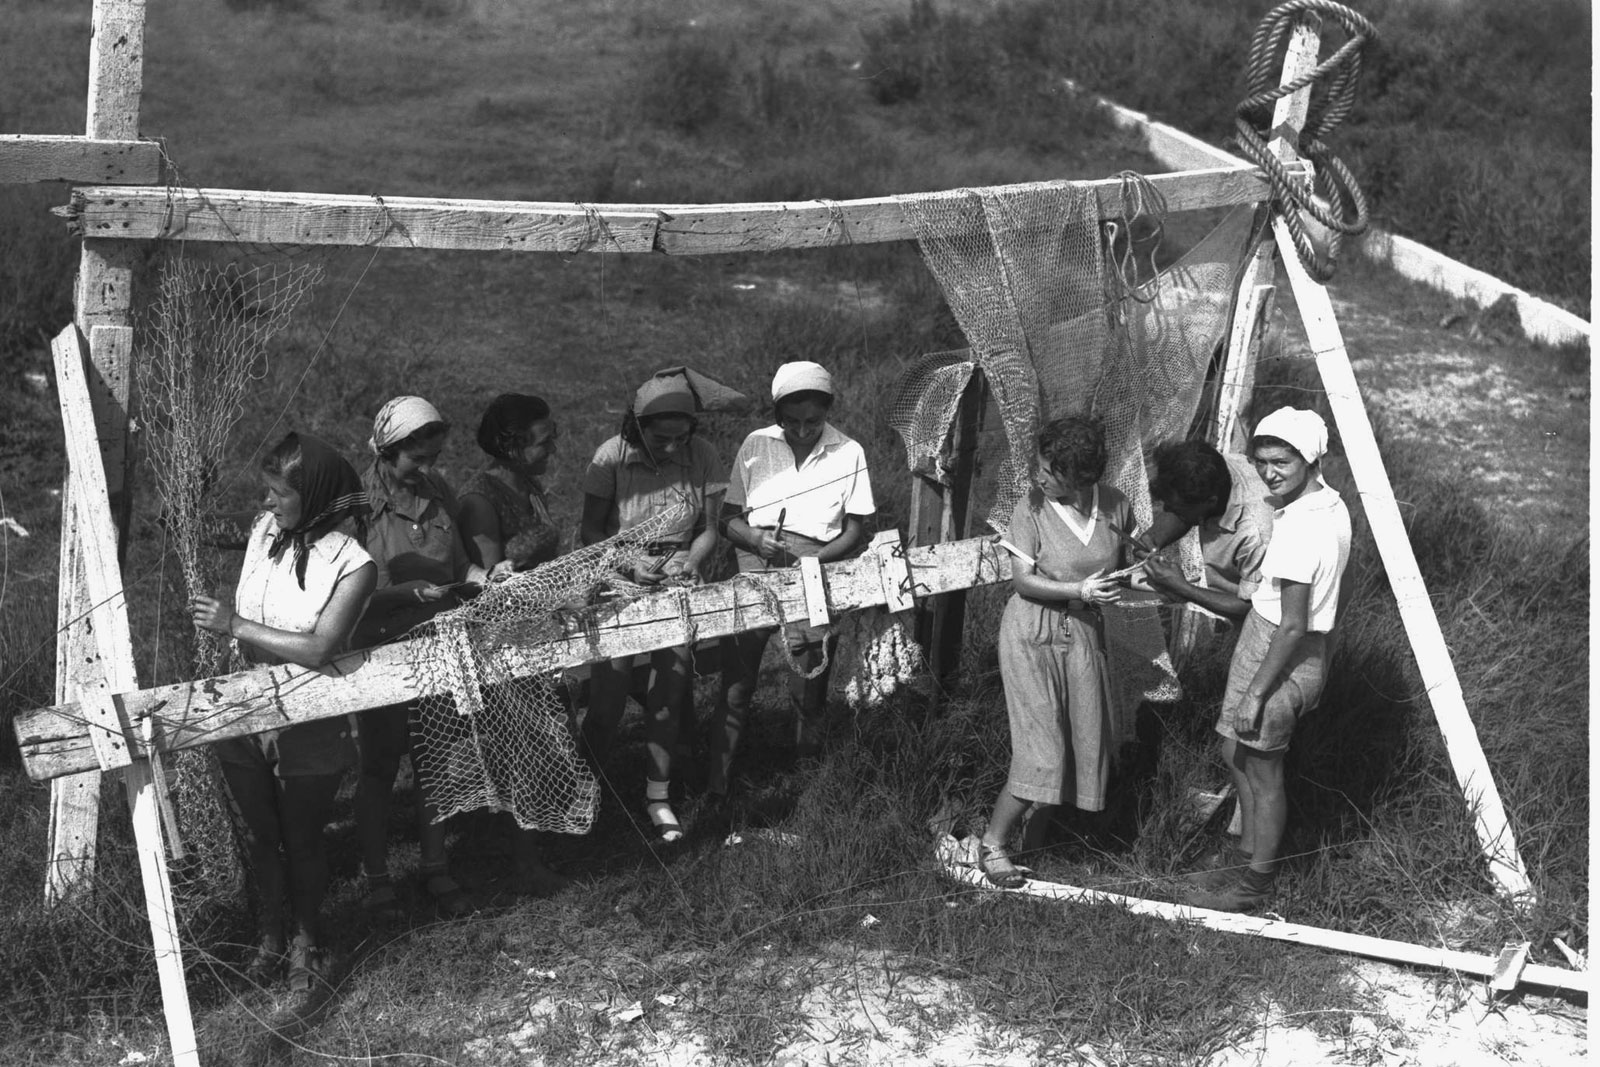 Members-kibbutz-weaving-fishnets-1937